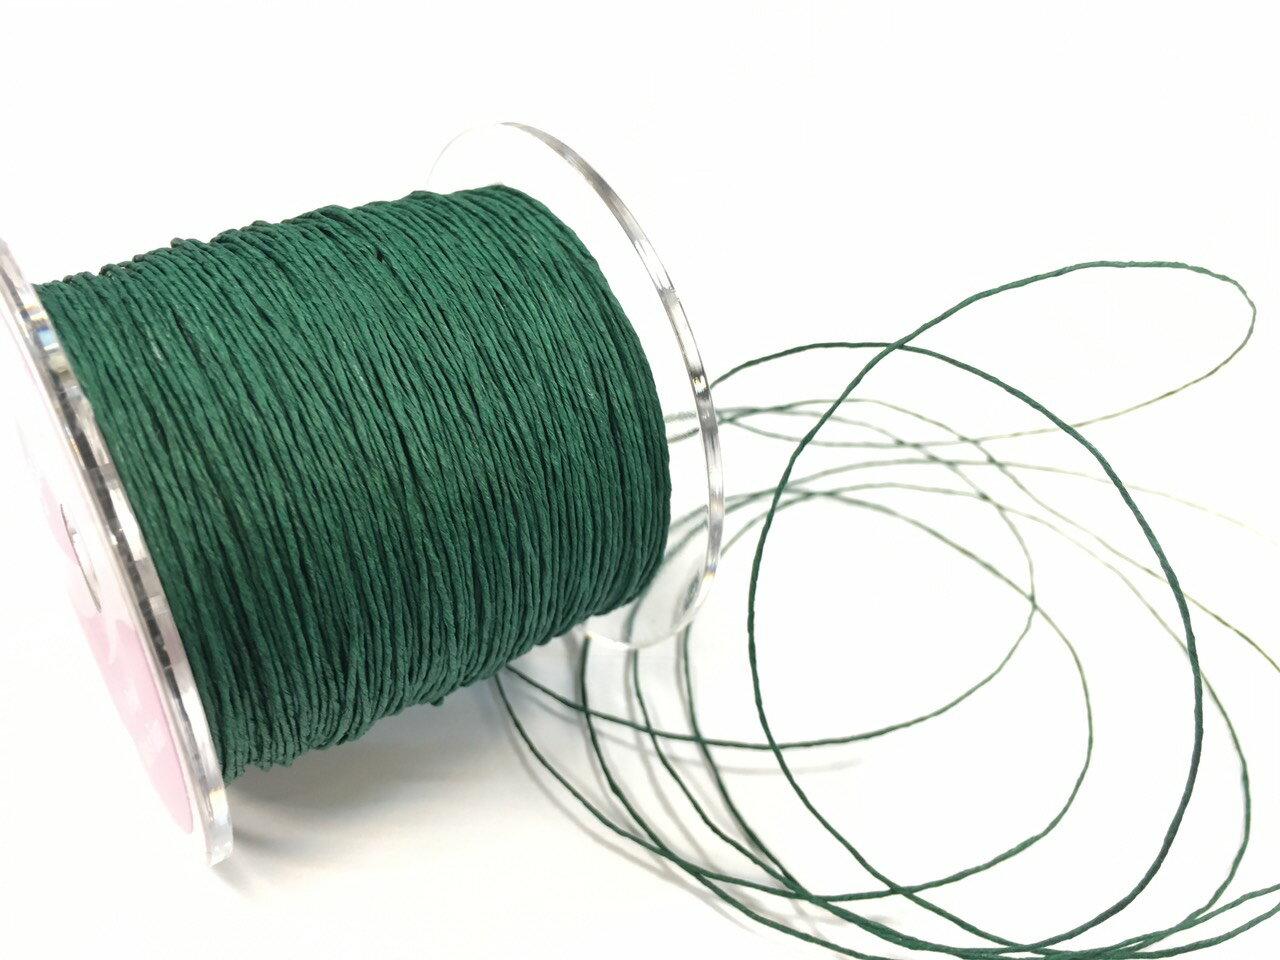 紙繩緞帶 1mm 100碼裝 (5色) 2